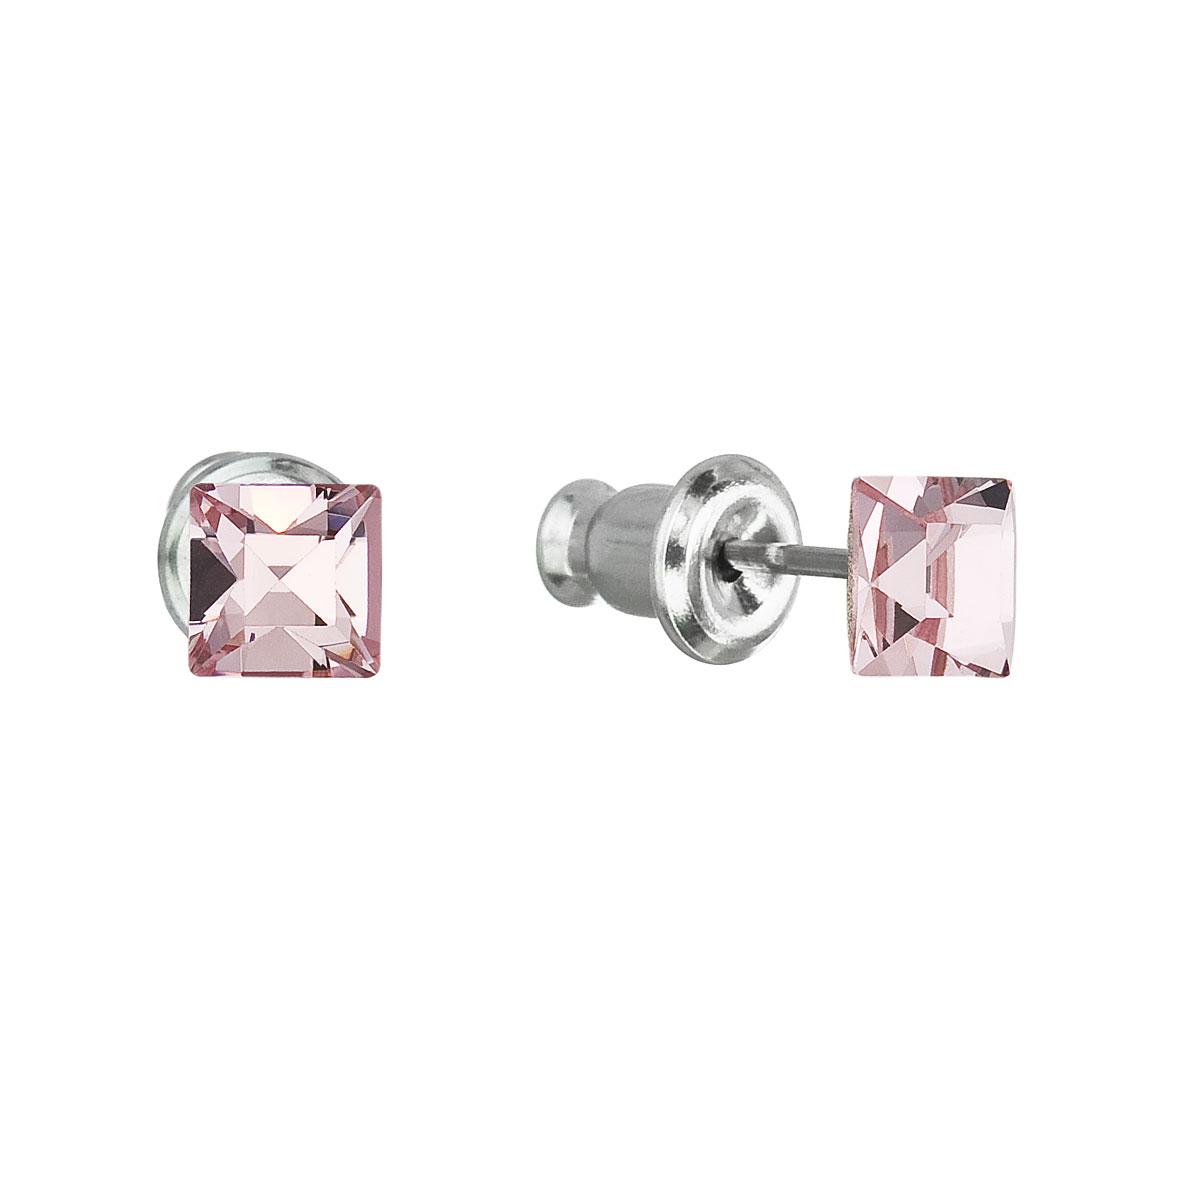 Náušnice bižuterie se Swarovski krystaly růžová čtverec 51052.3 light rose